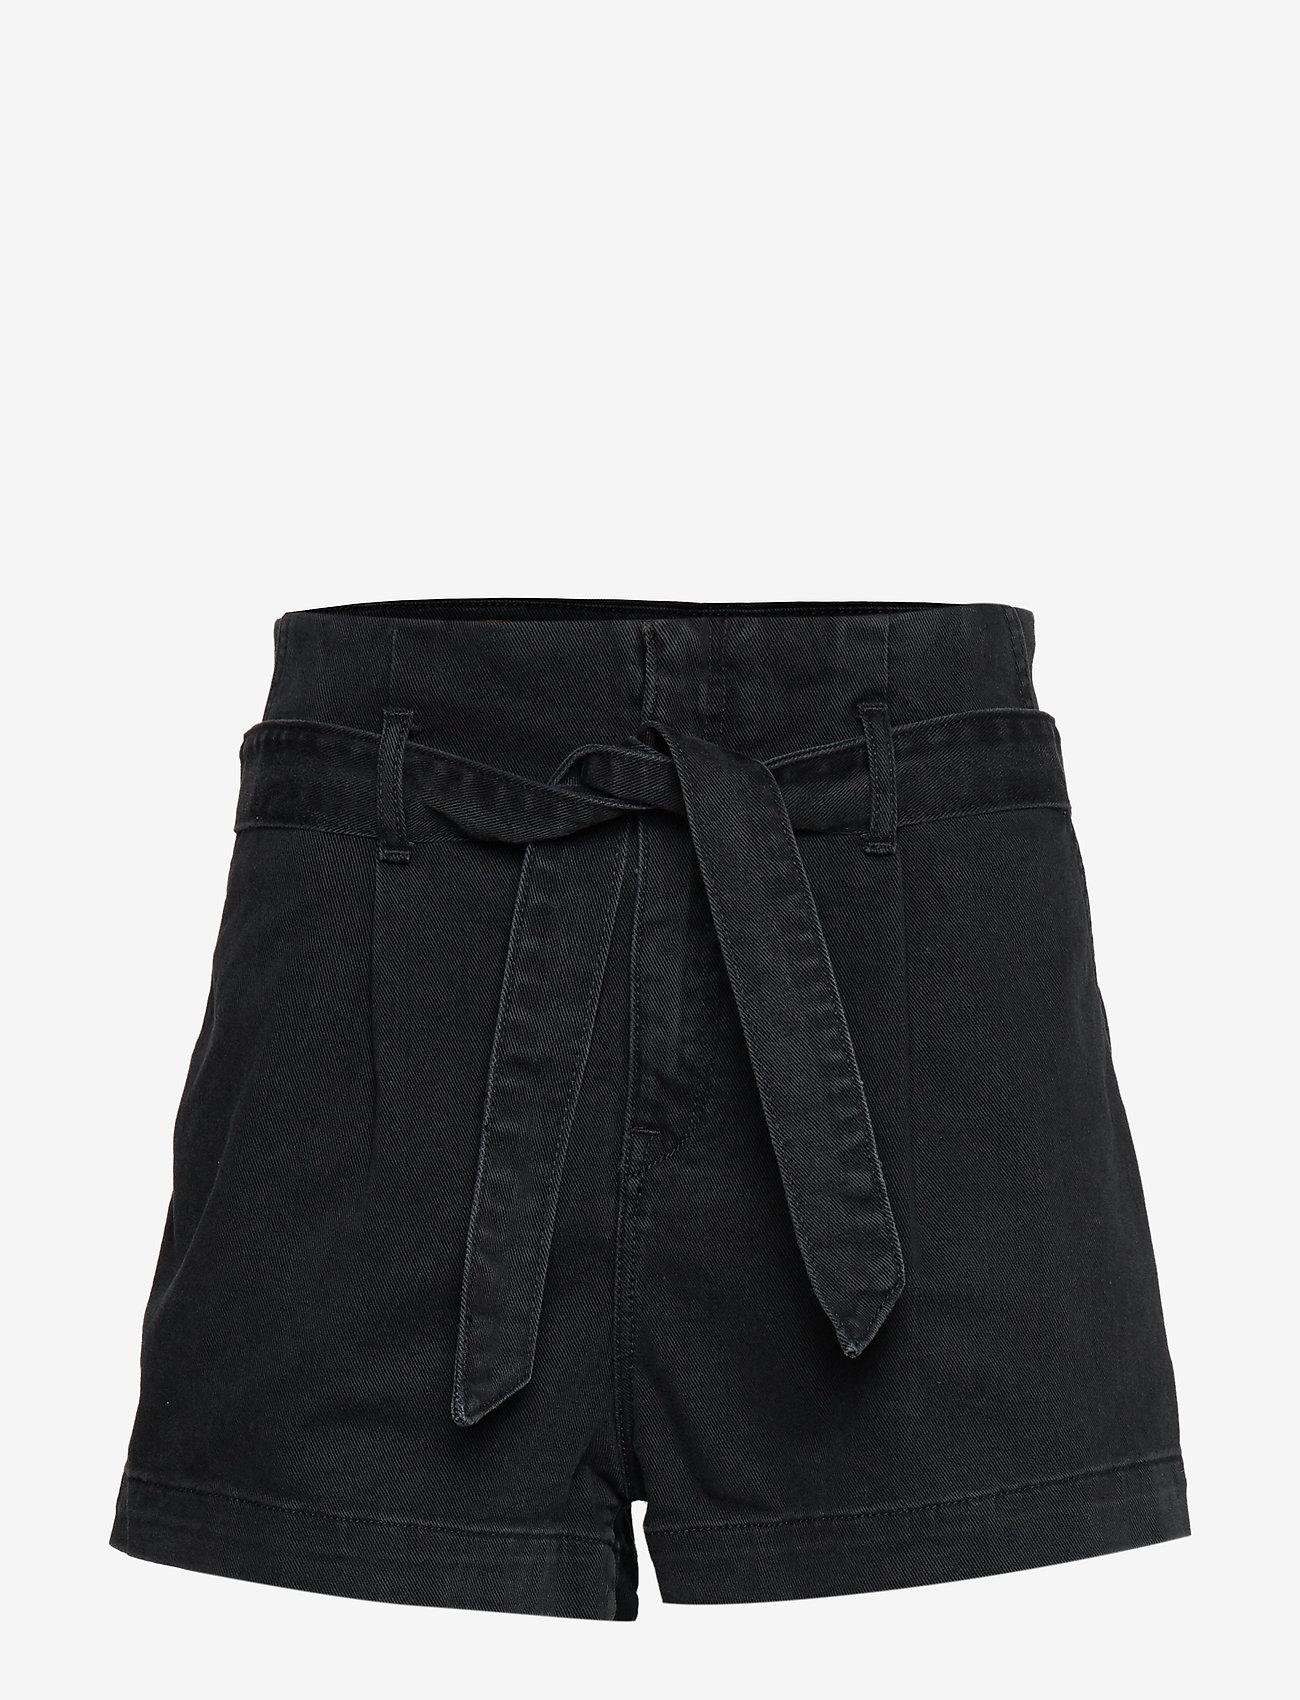 Replay - Shorts - paper bag shorts - black - 0